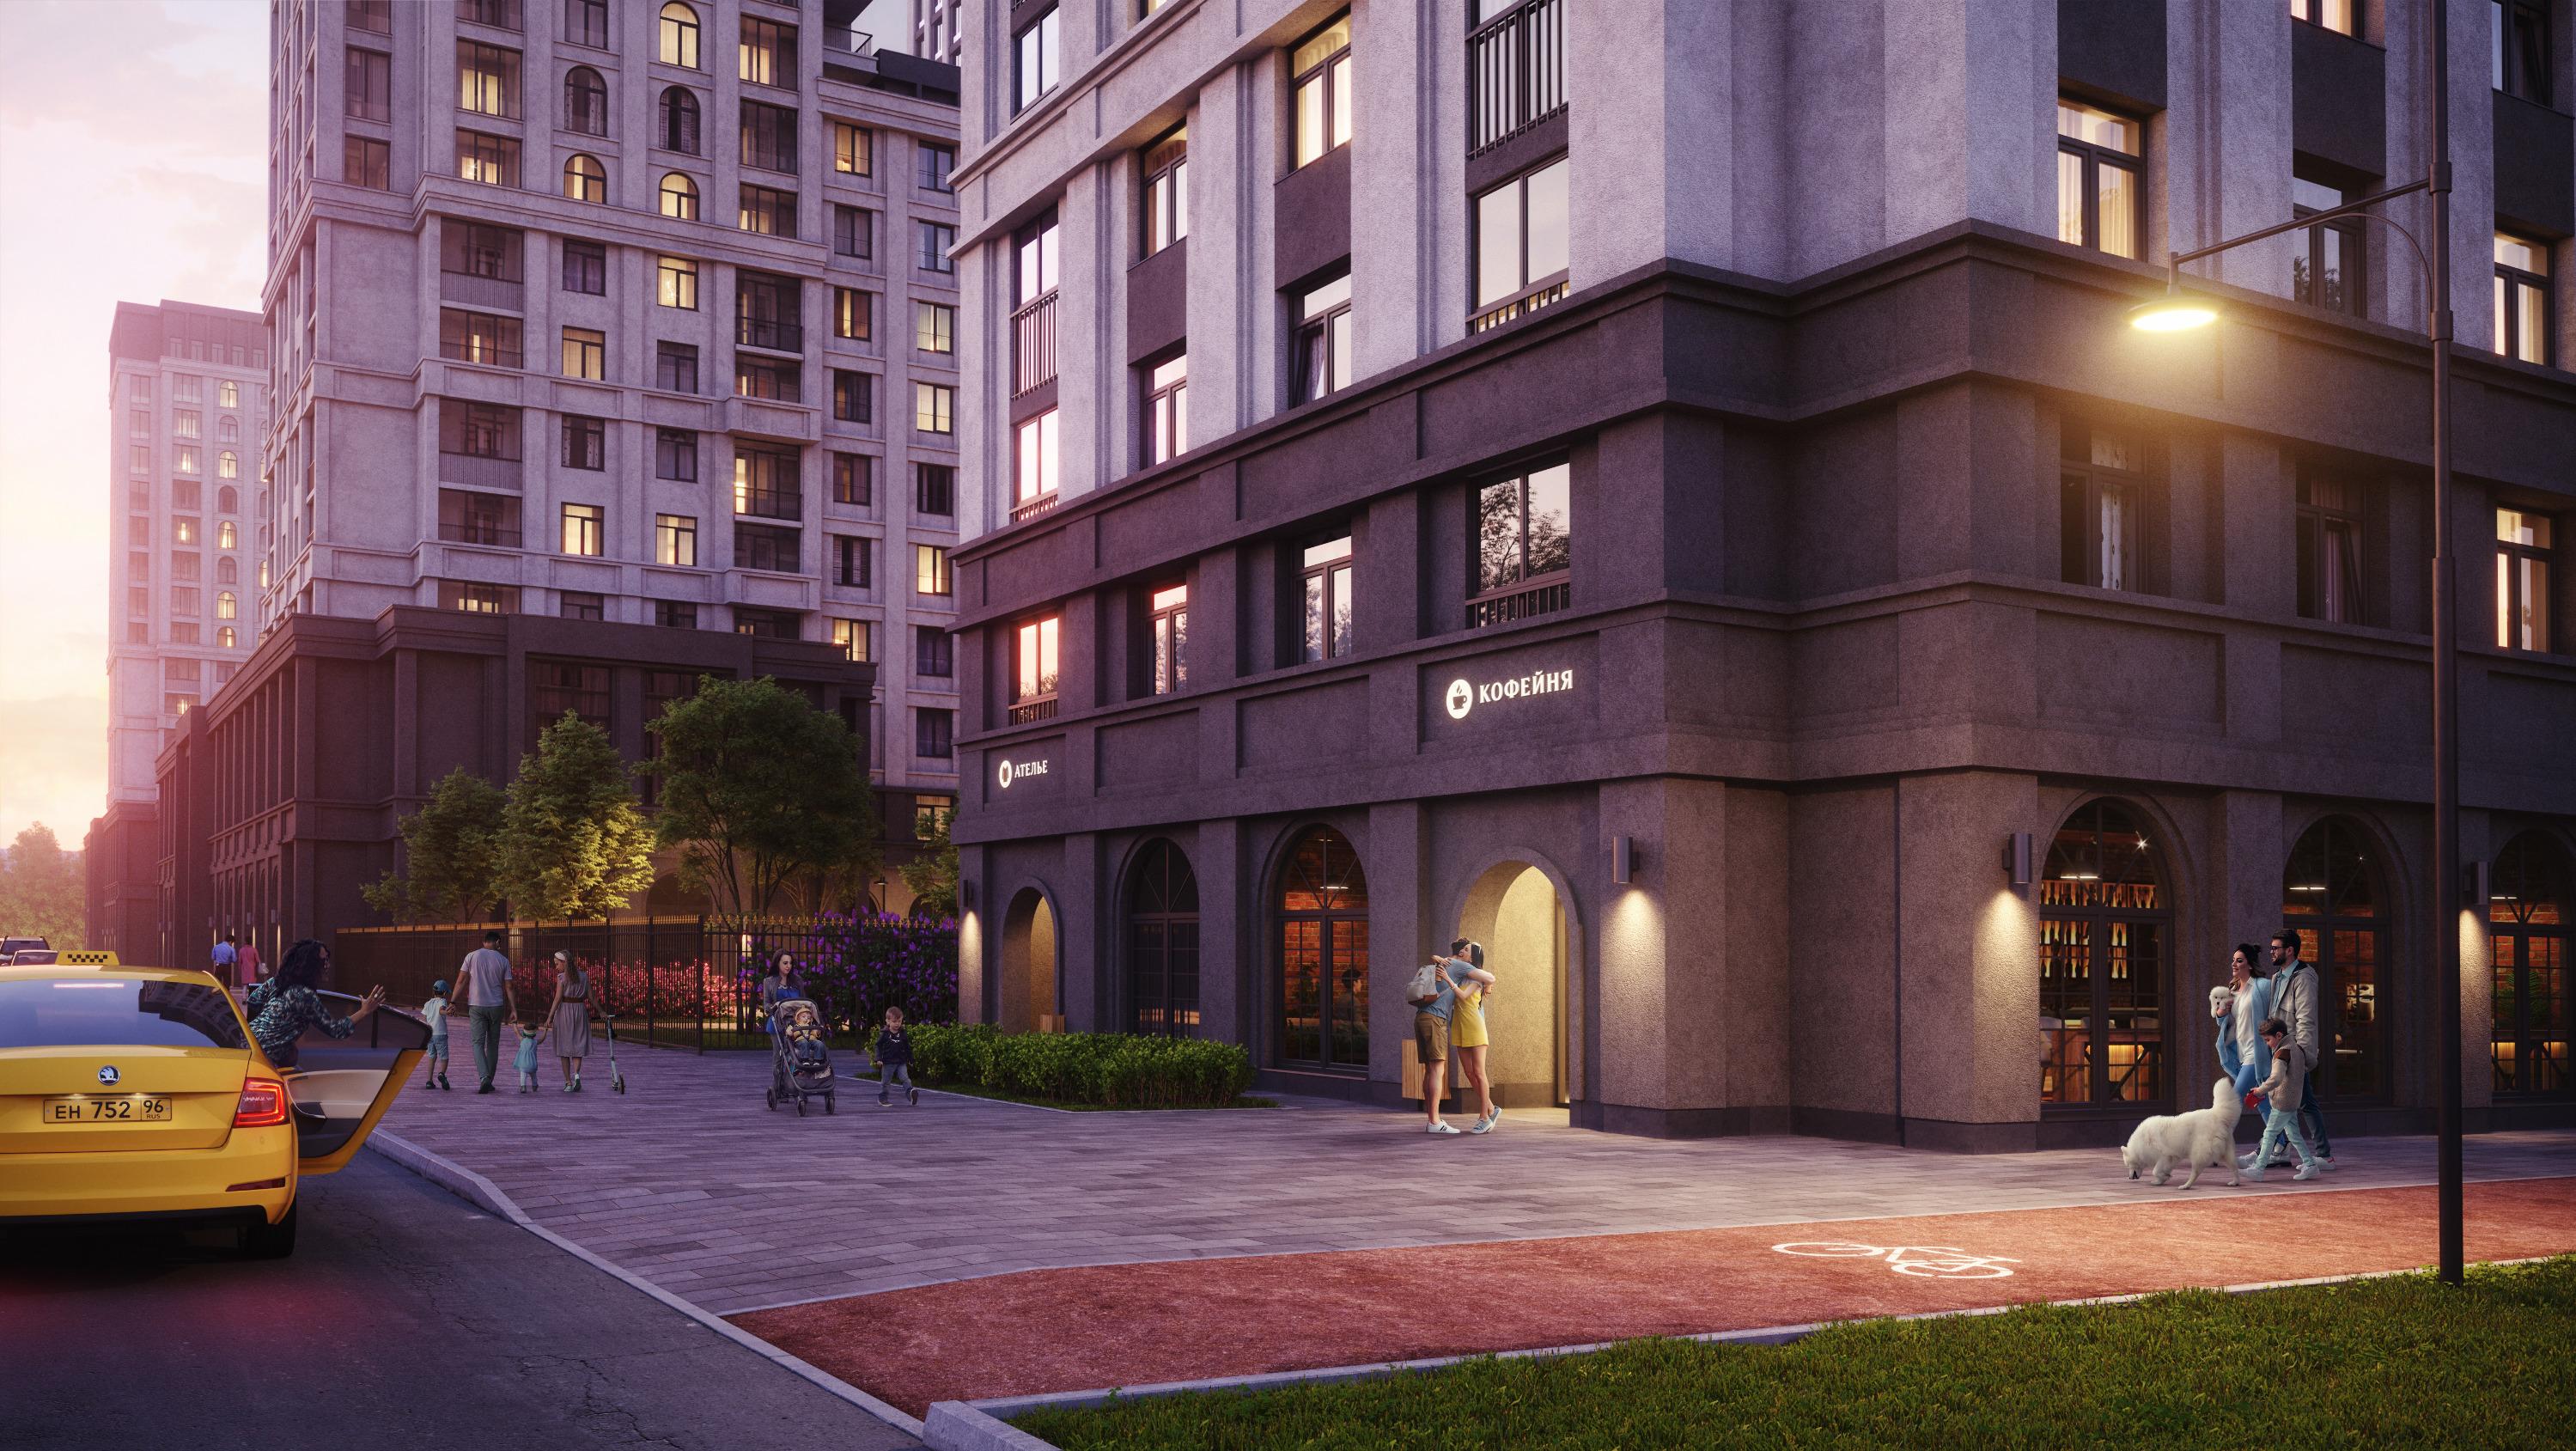 Квартал принесет микрорайону новые кафе, магазины и даже велодорожку